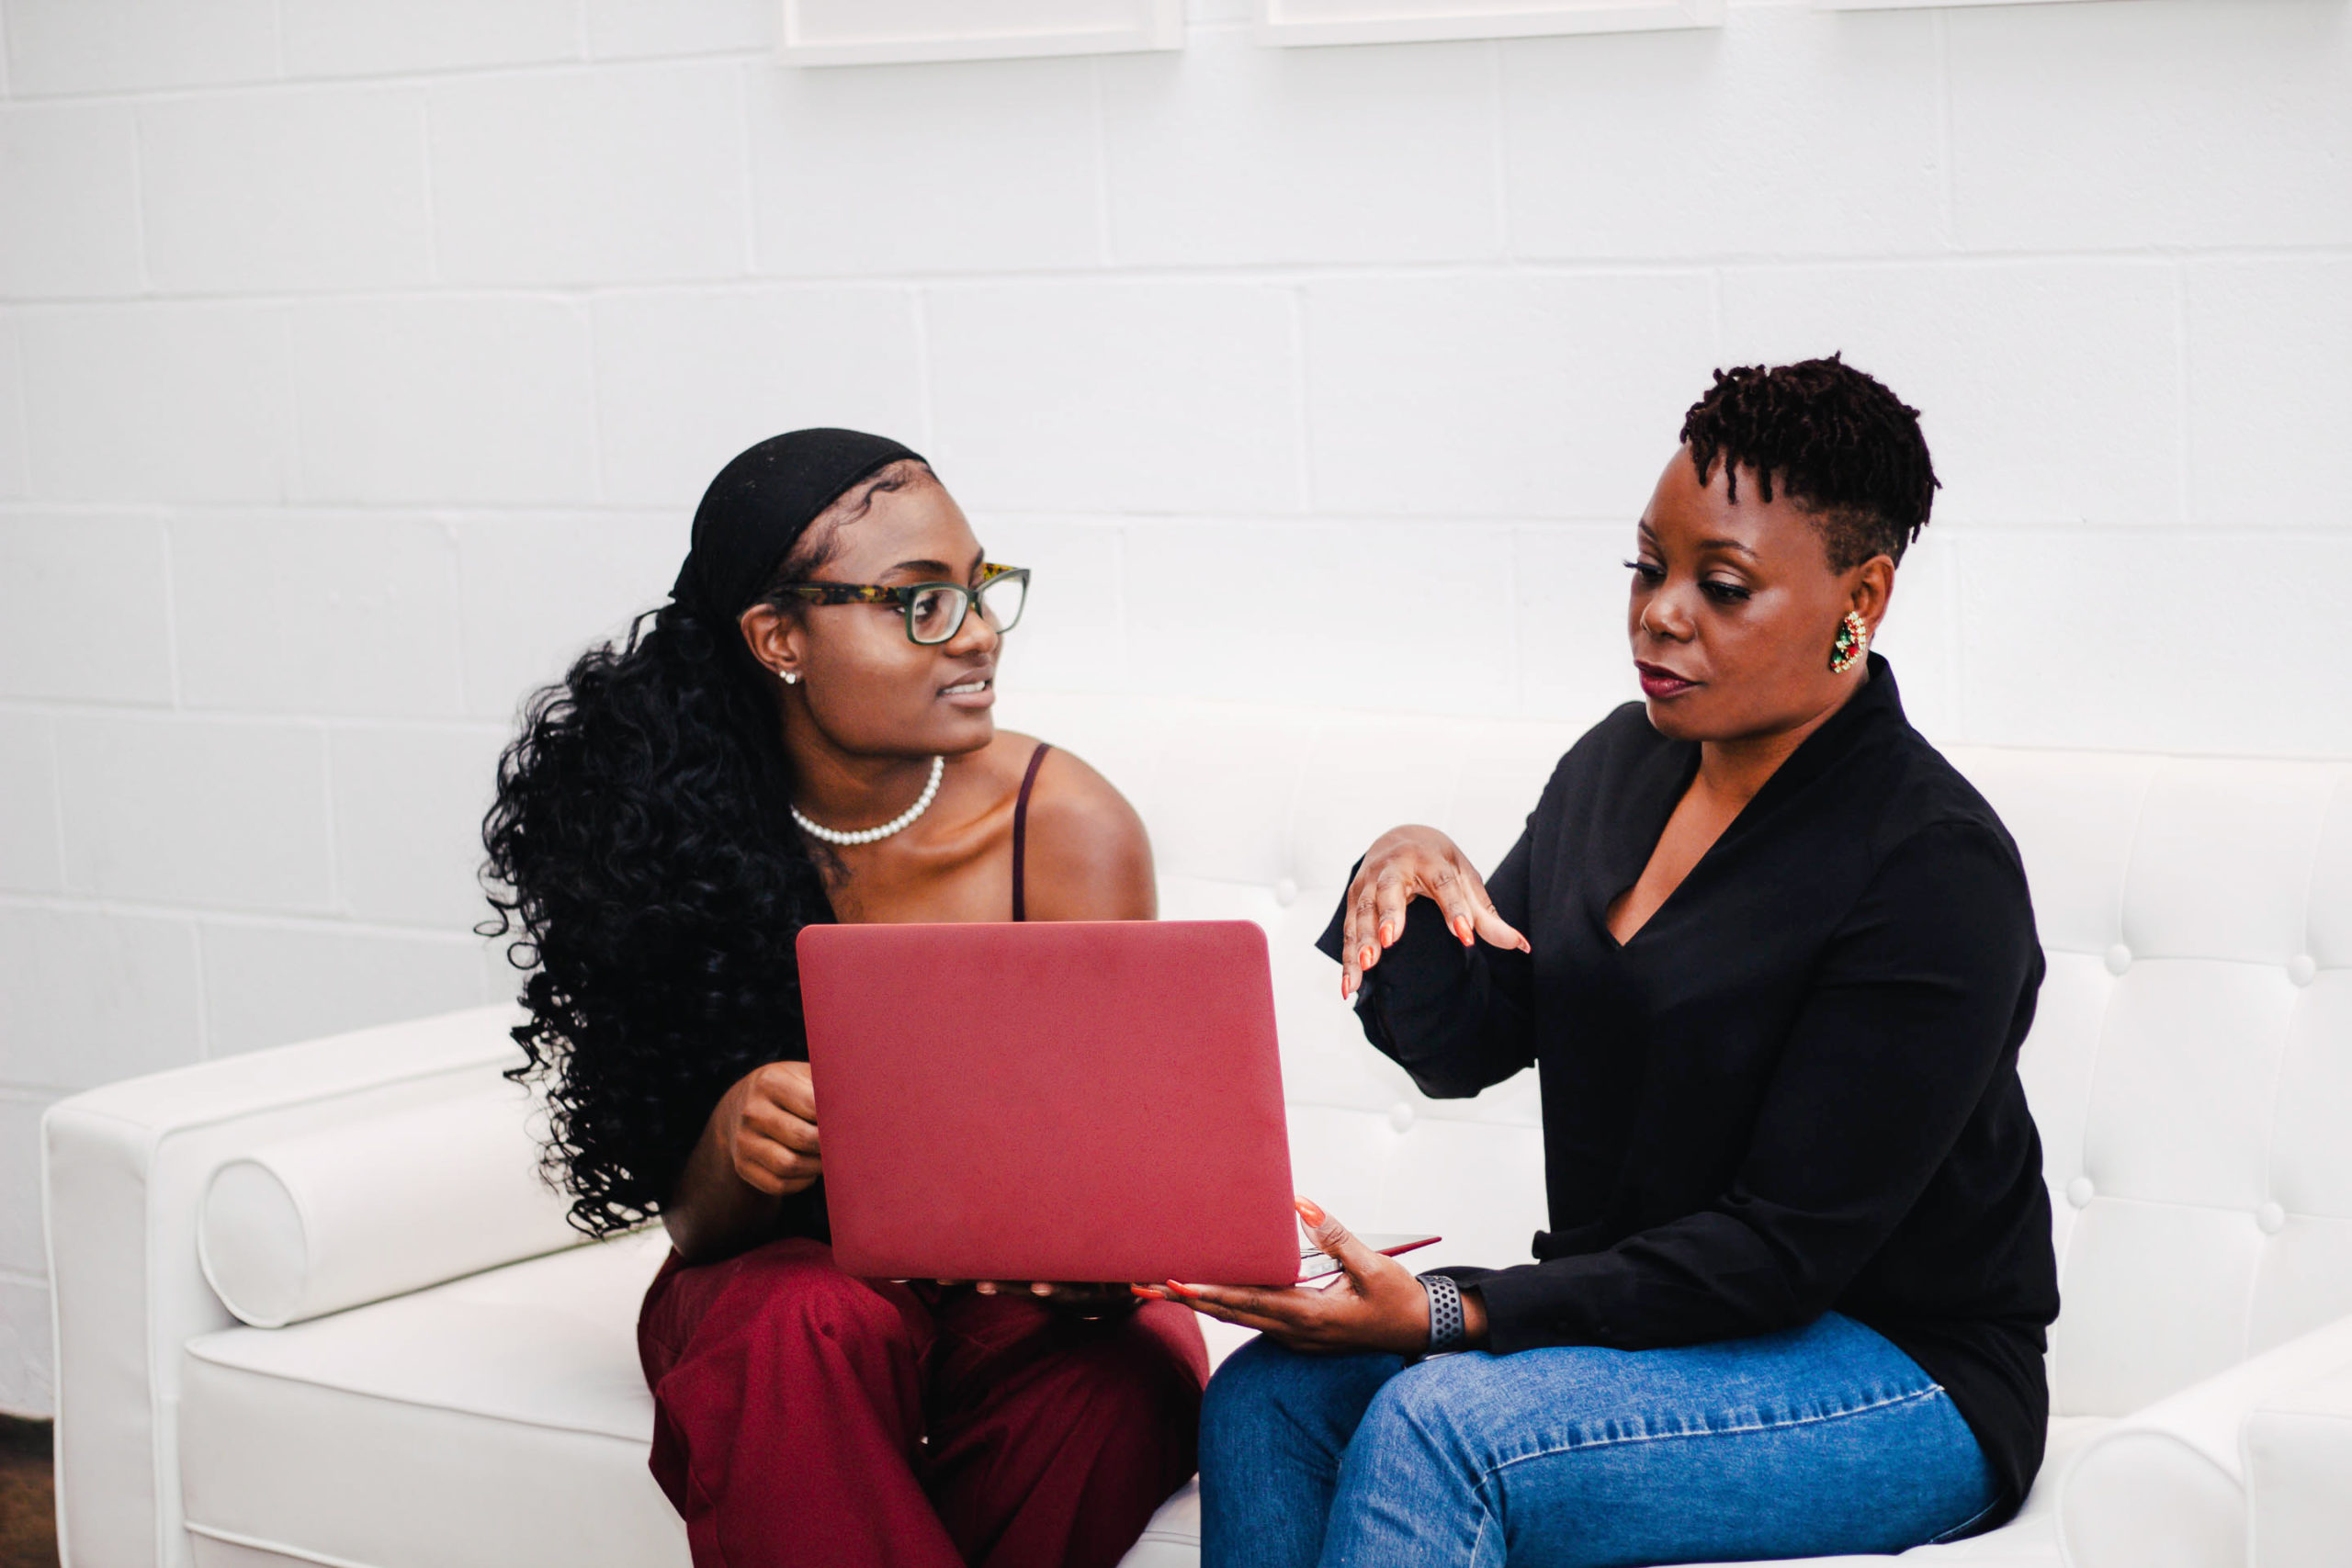 Two women discuss organiational racial equity.